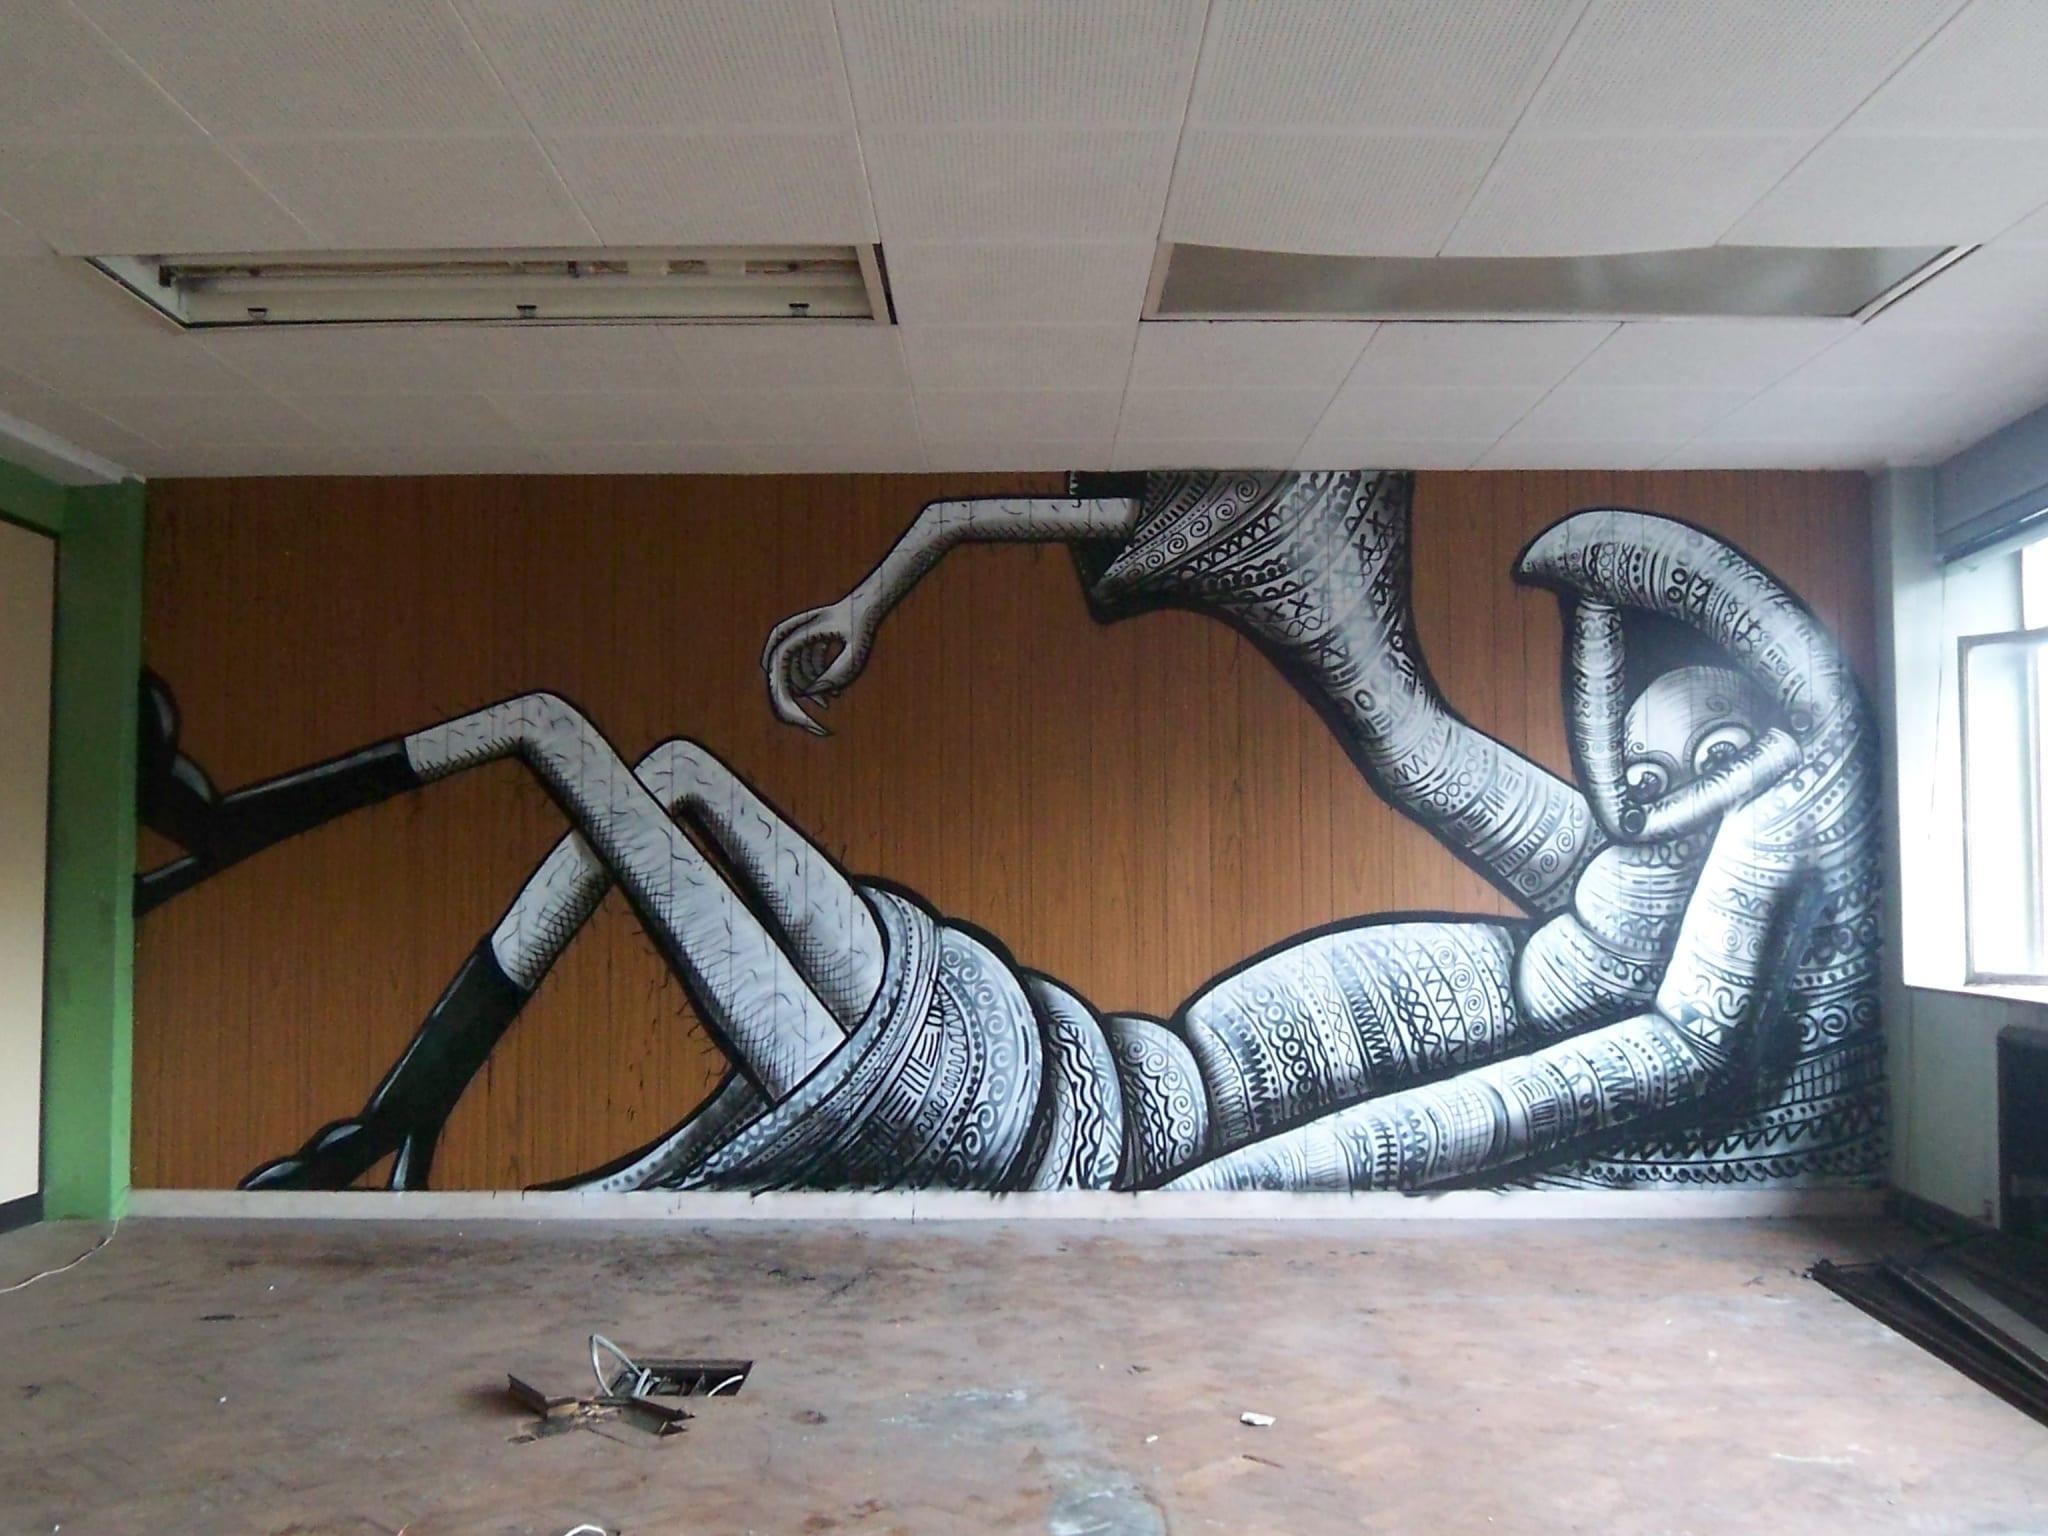 Artwork By Phlegm in Sheffield